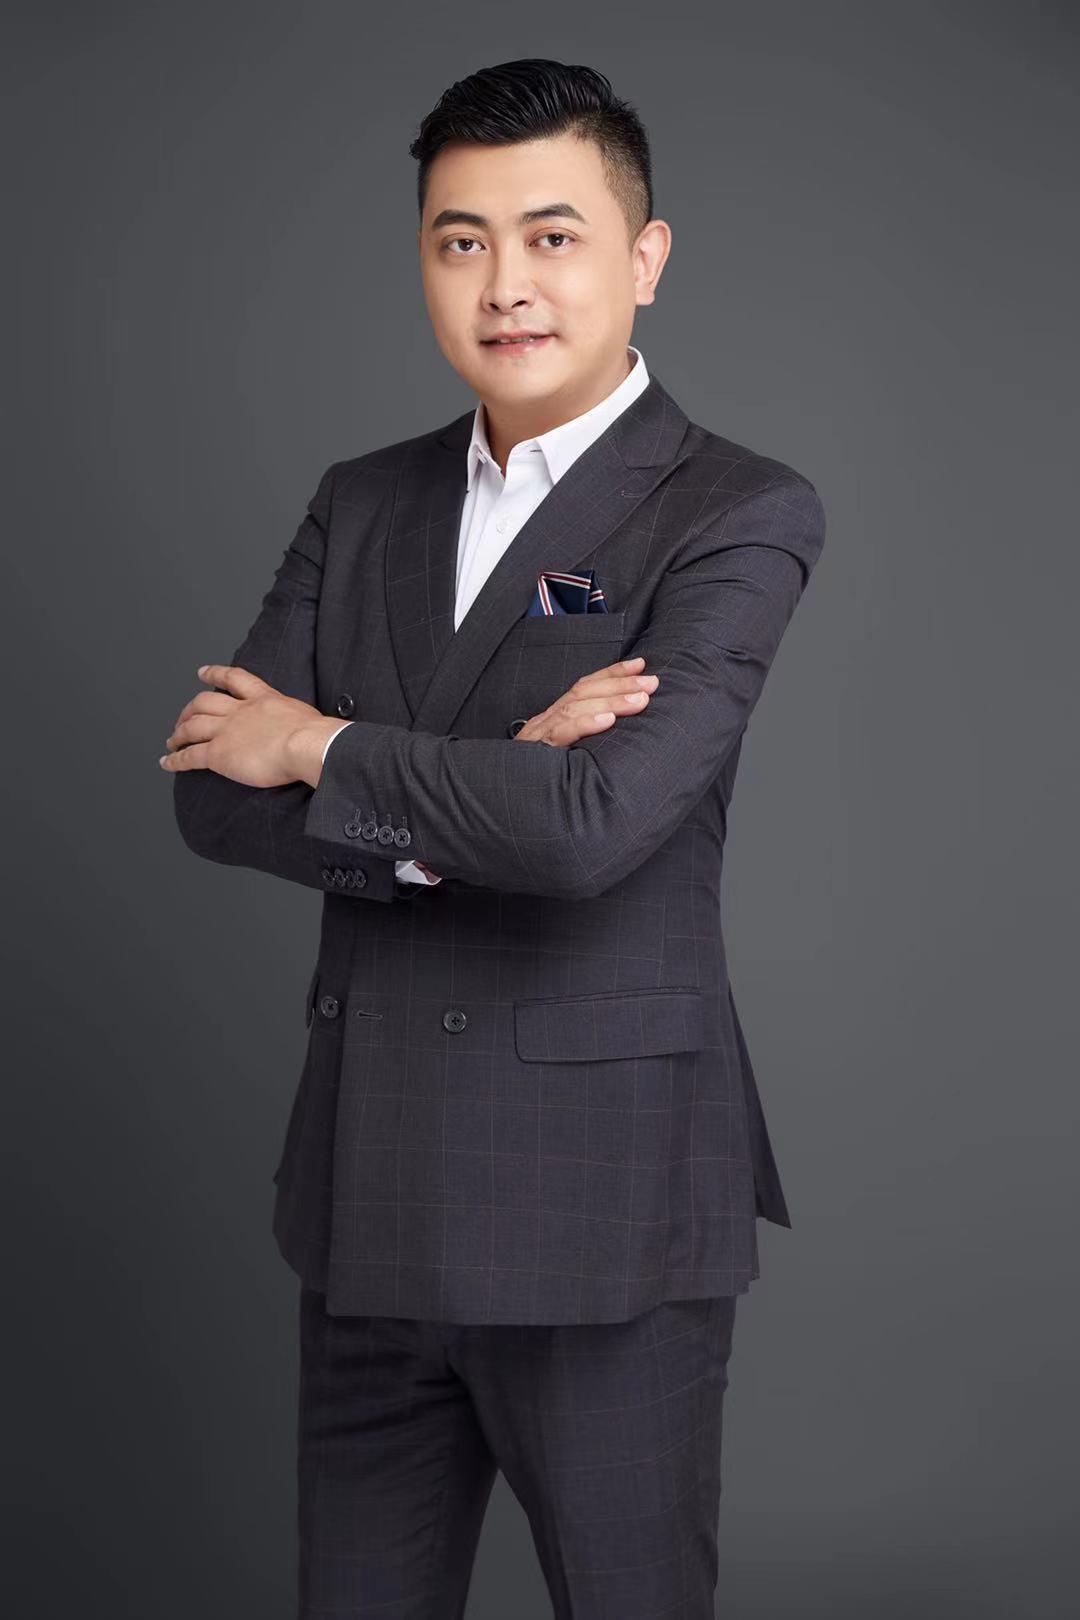 上海虹桥祥源希尔顿酒店任张博文为运营总监